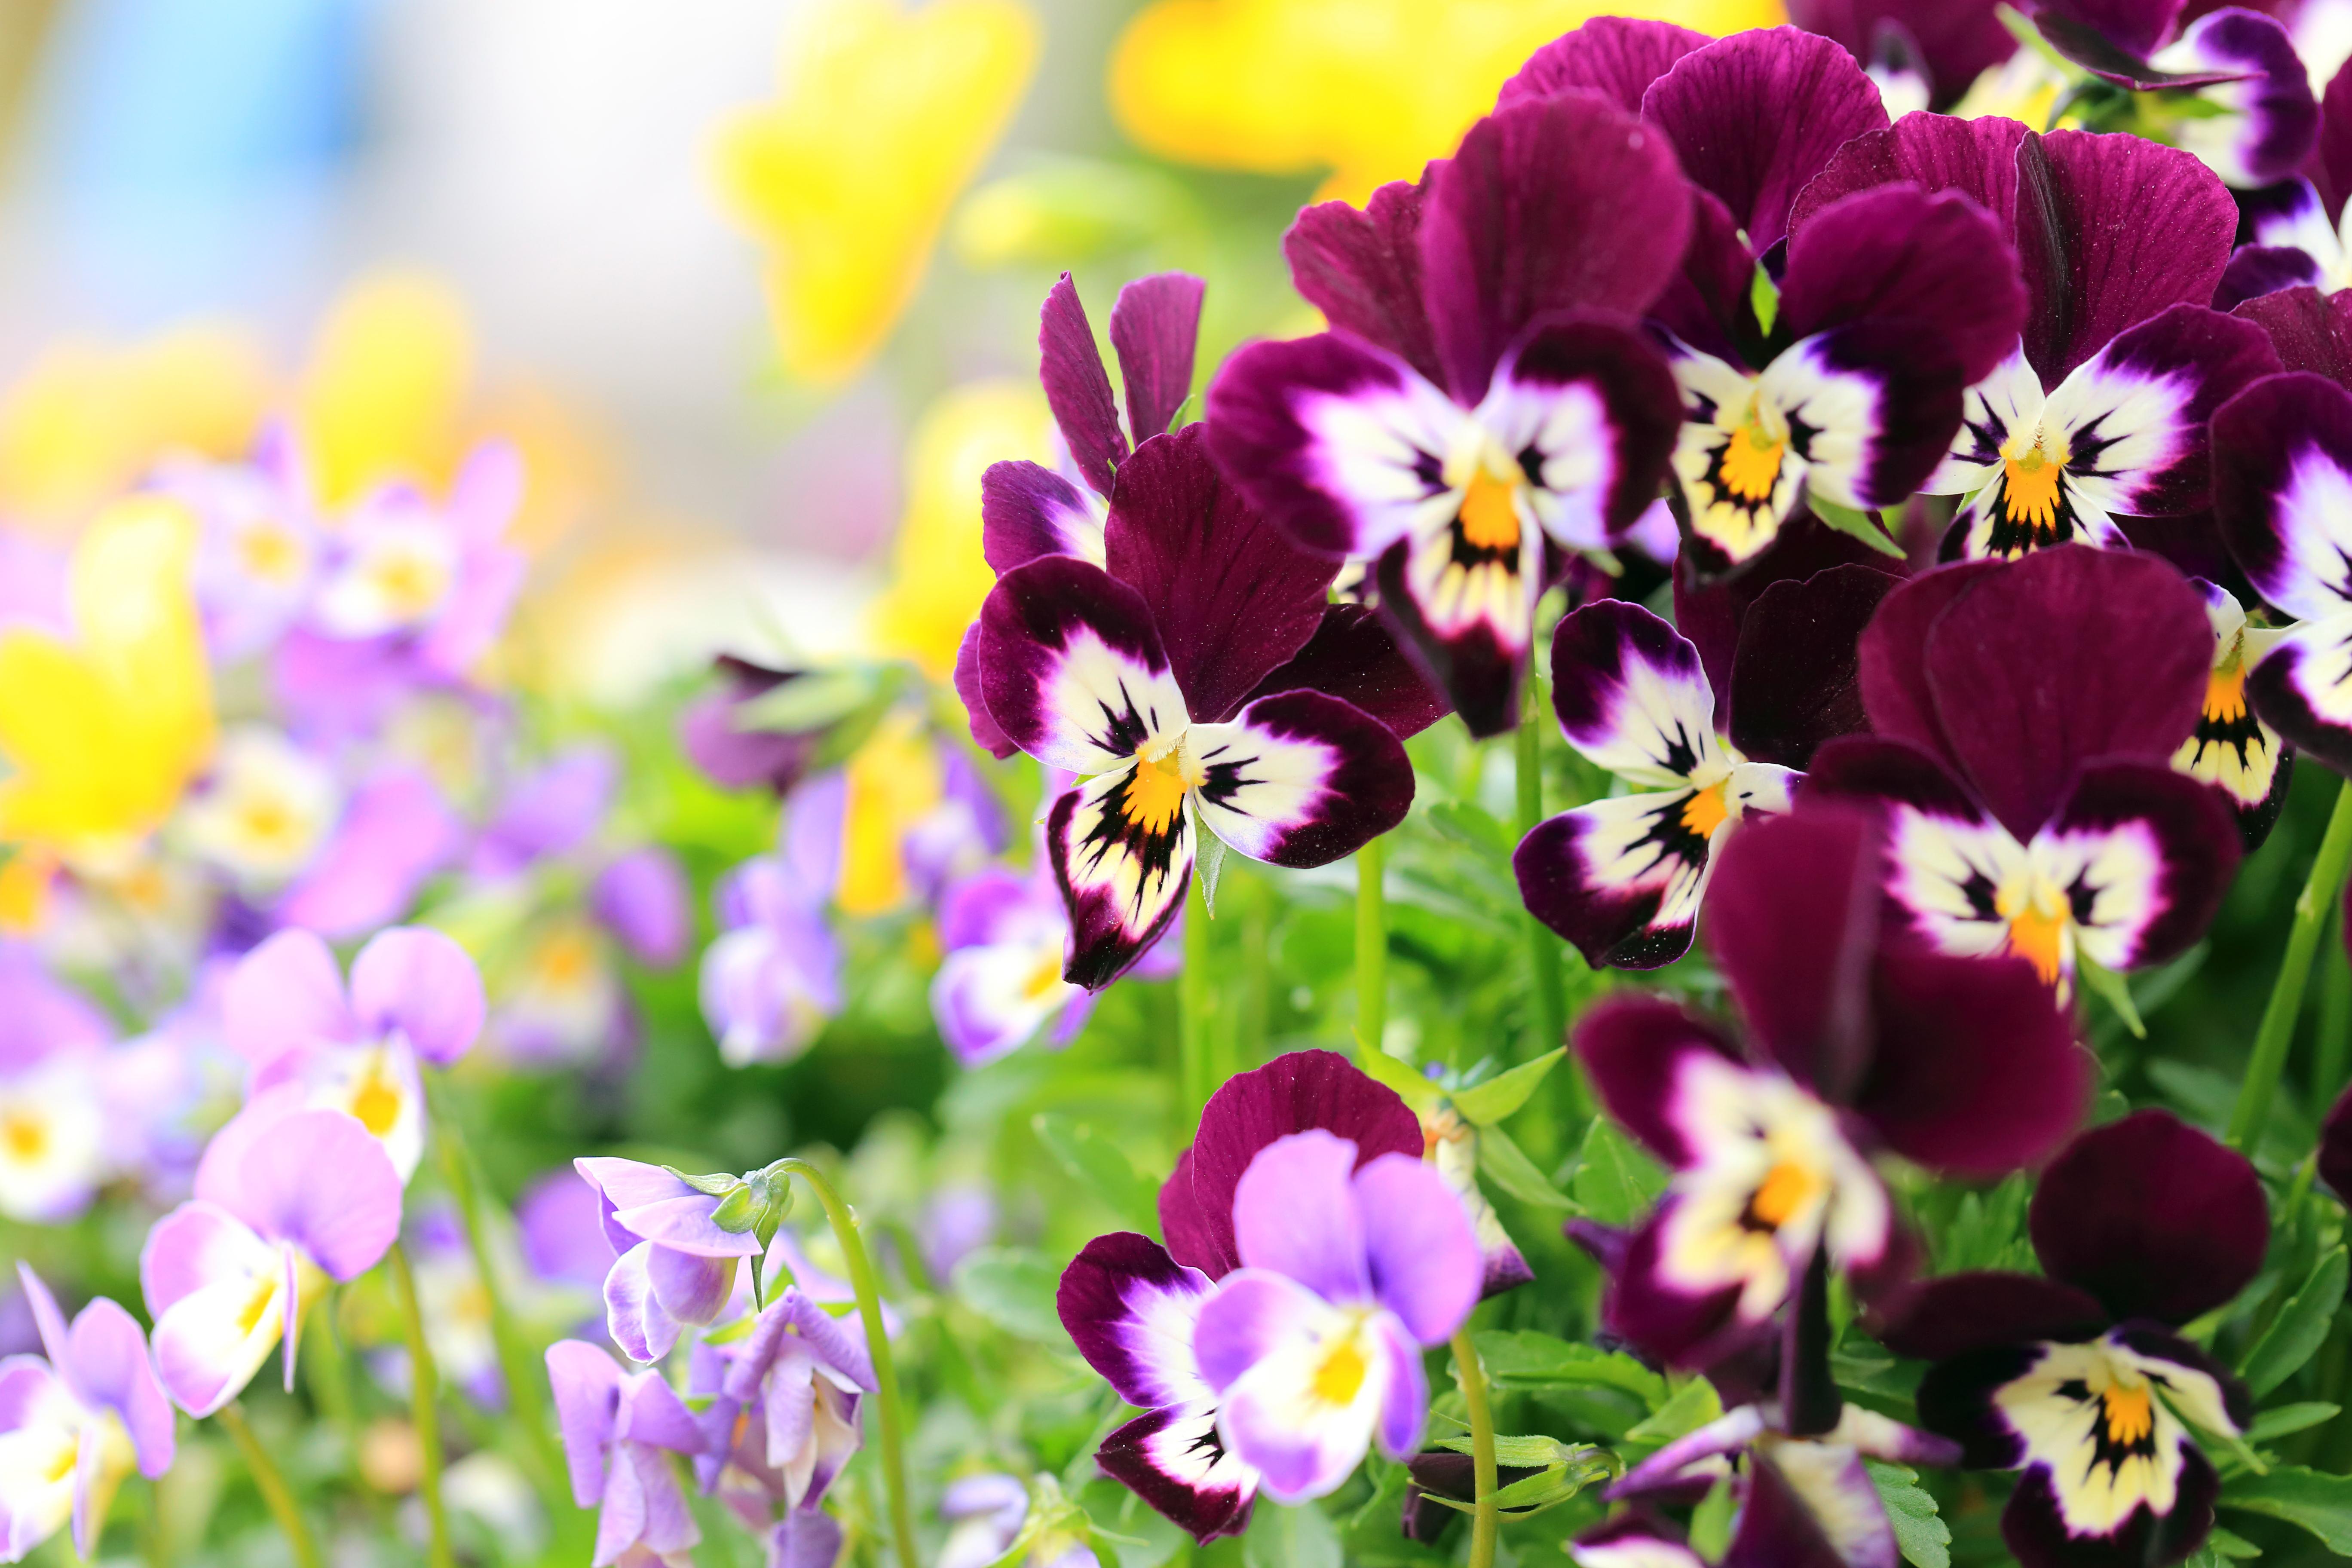 качественные картинки с цветами обрати внимание вербену